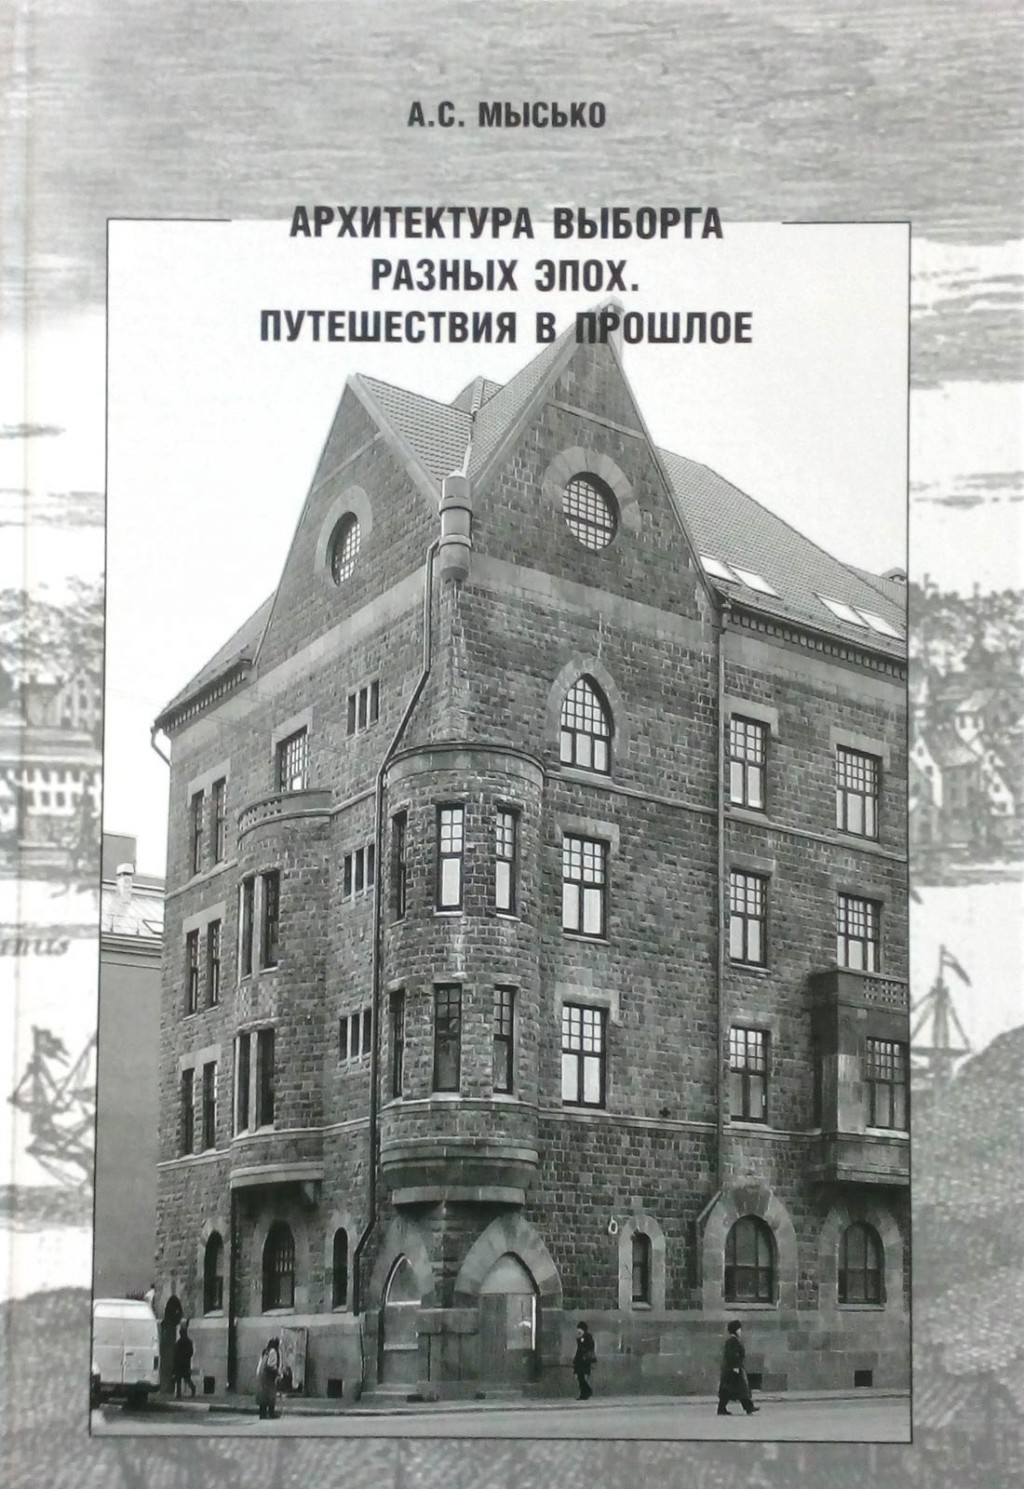 Arkhitektura Vyborga raznykh epokh. Puteshestvie v proshloe